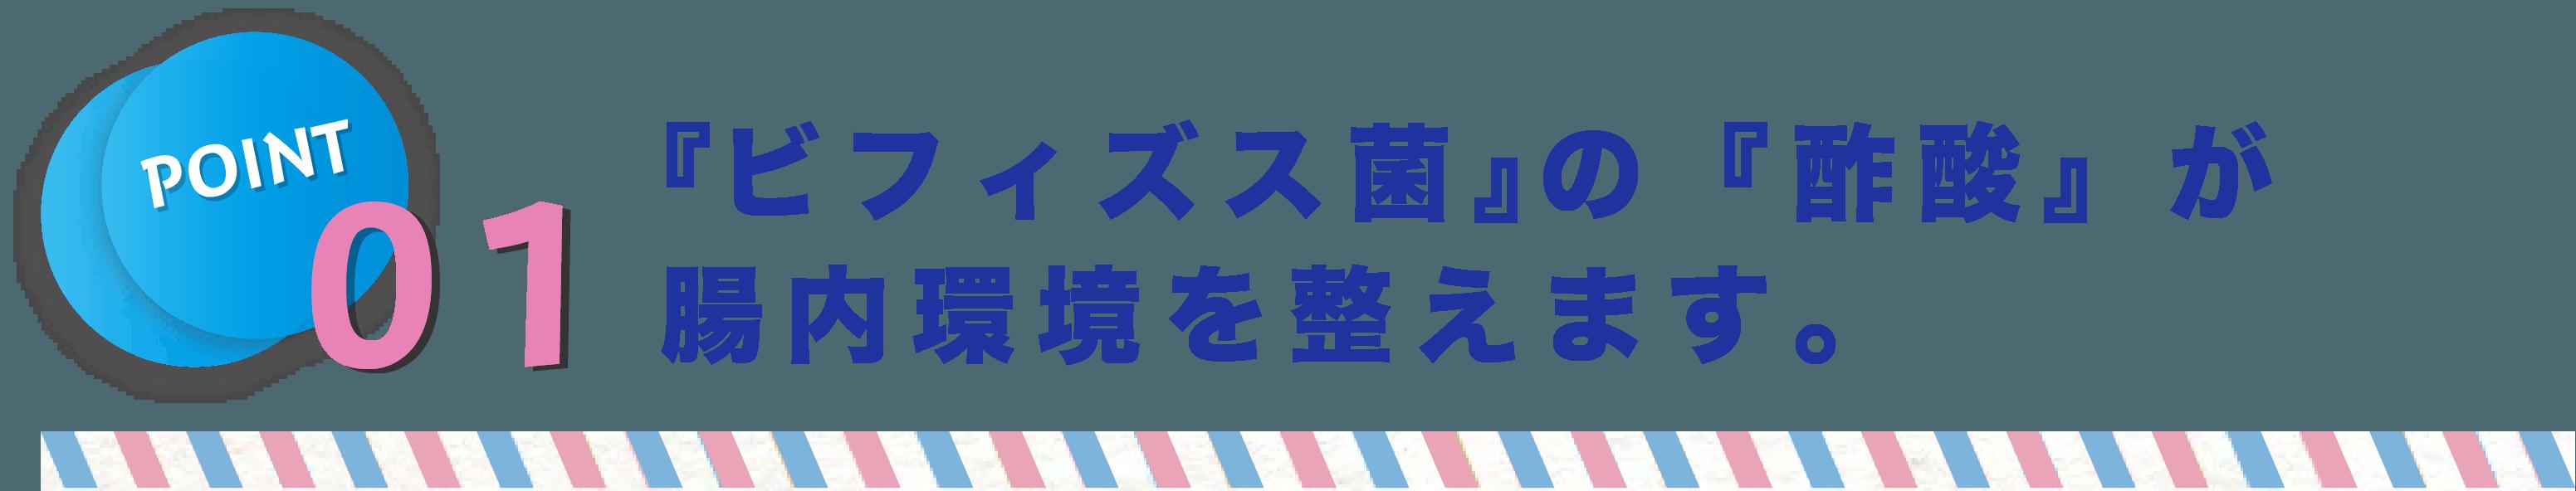 kijima_p2_1_2